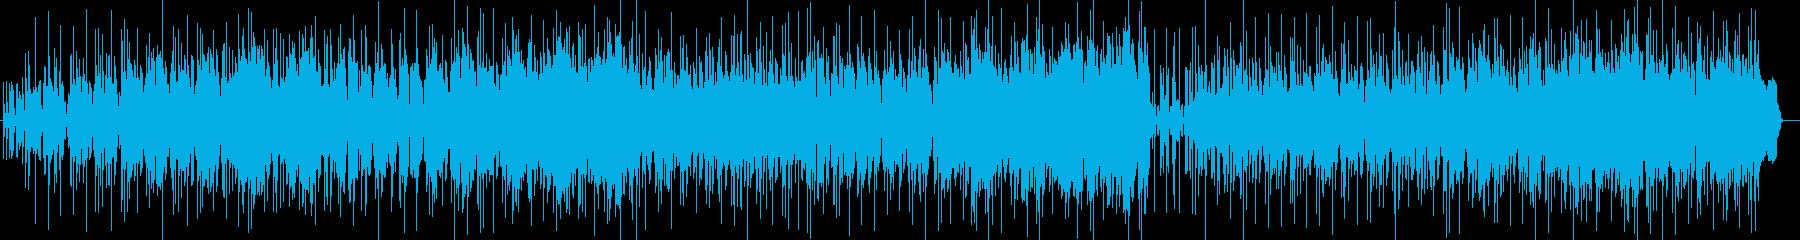 ナンパでイケイケな洋楽レゲエポップの再生済みの波形